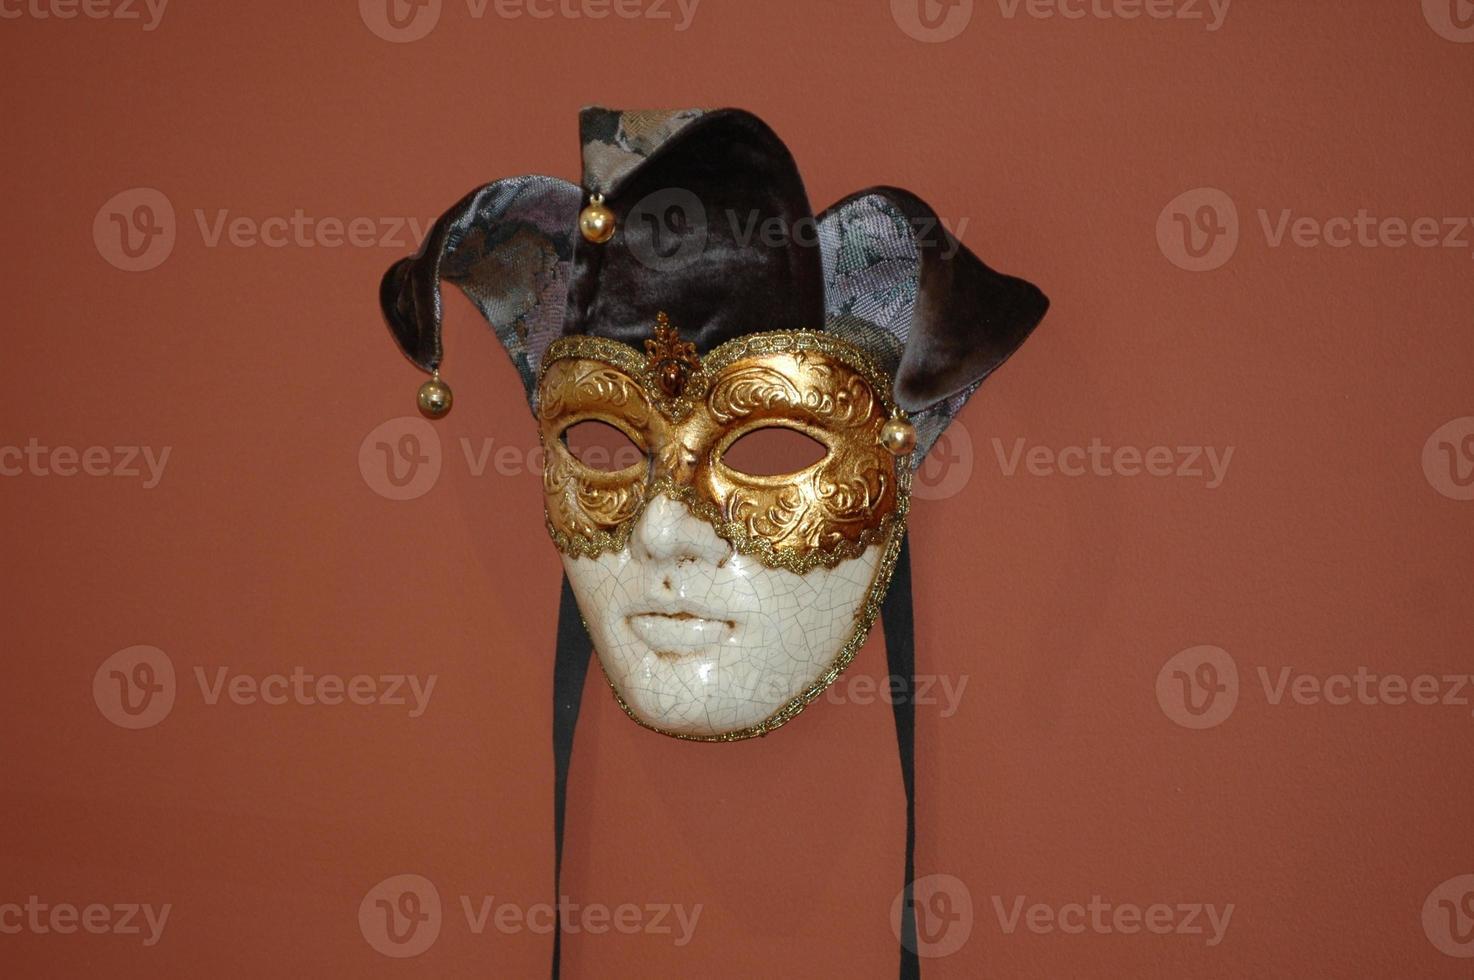 carnaval masker uit Venetië, Italië foto